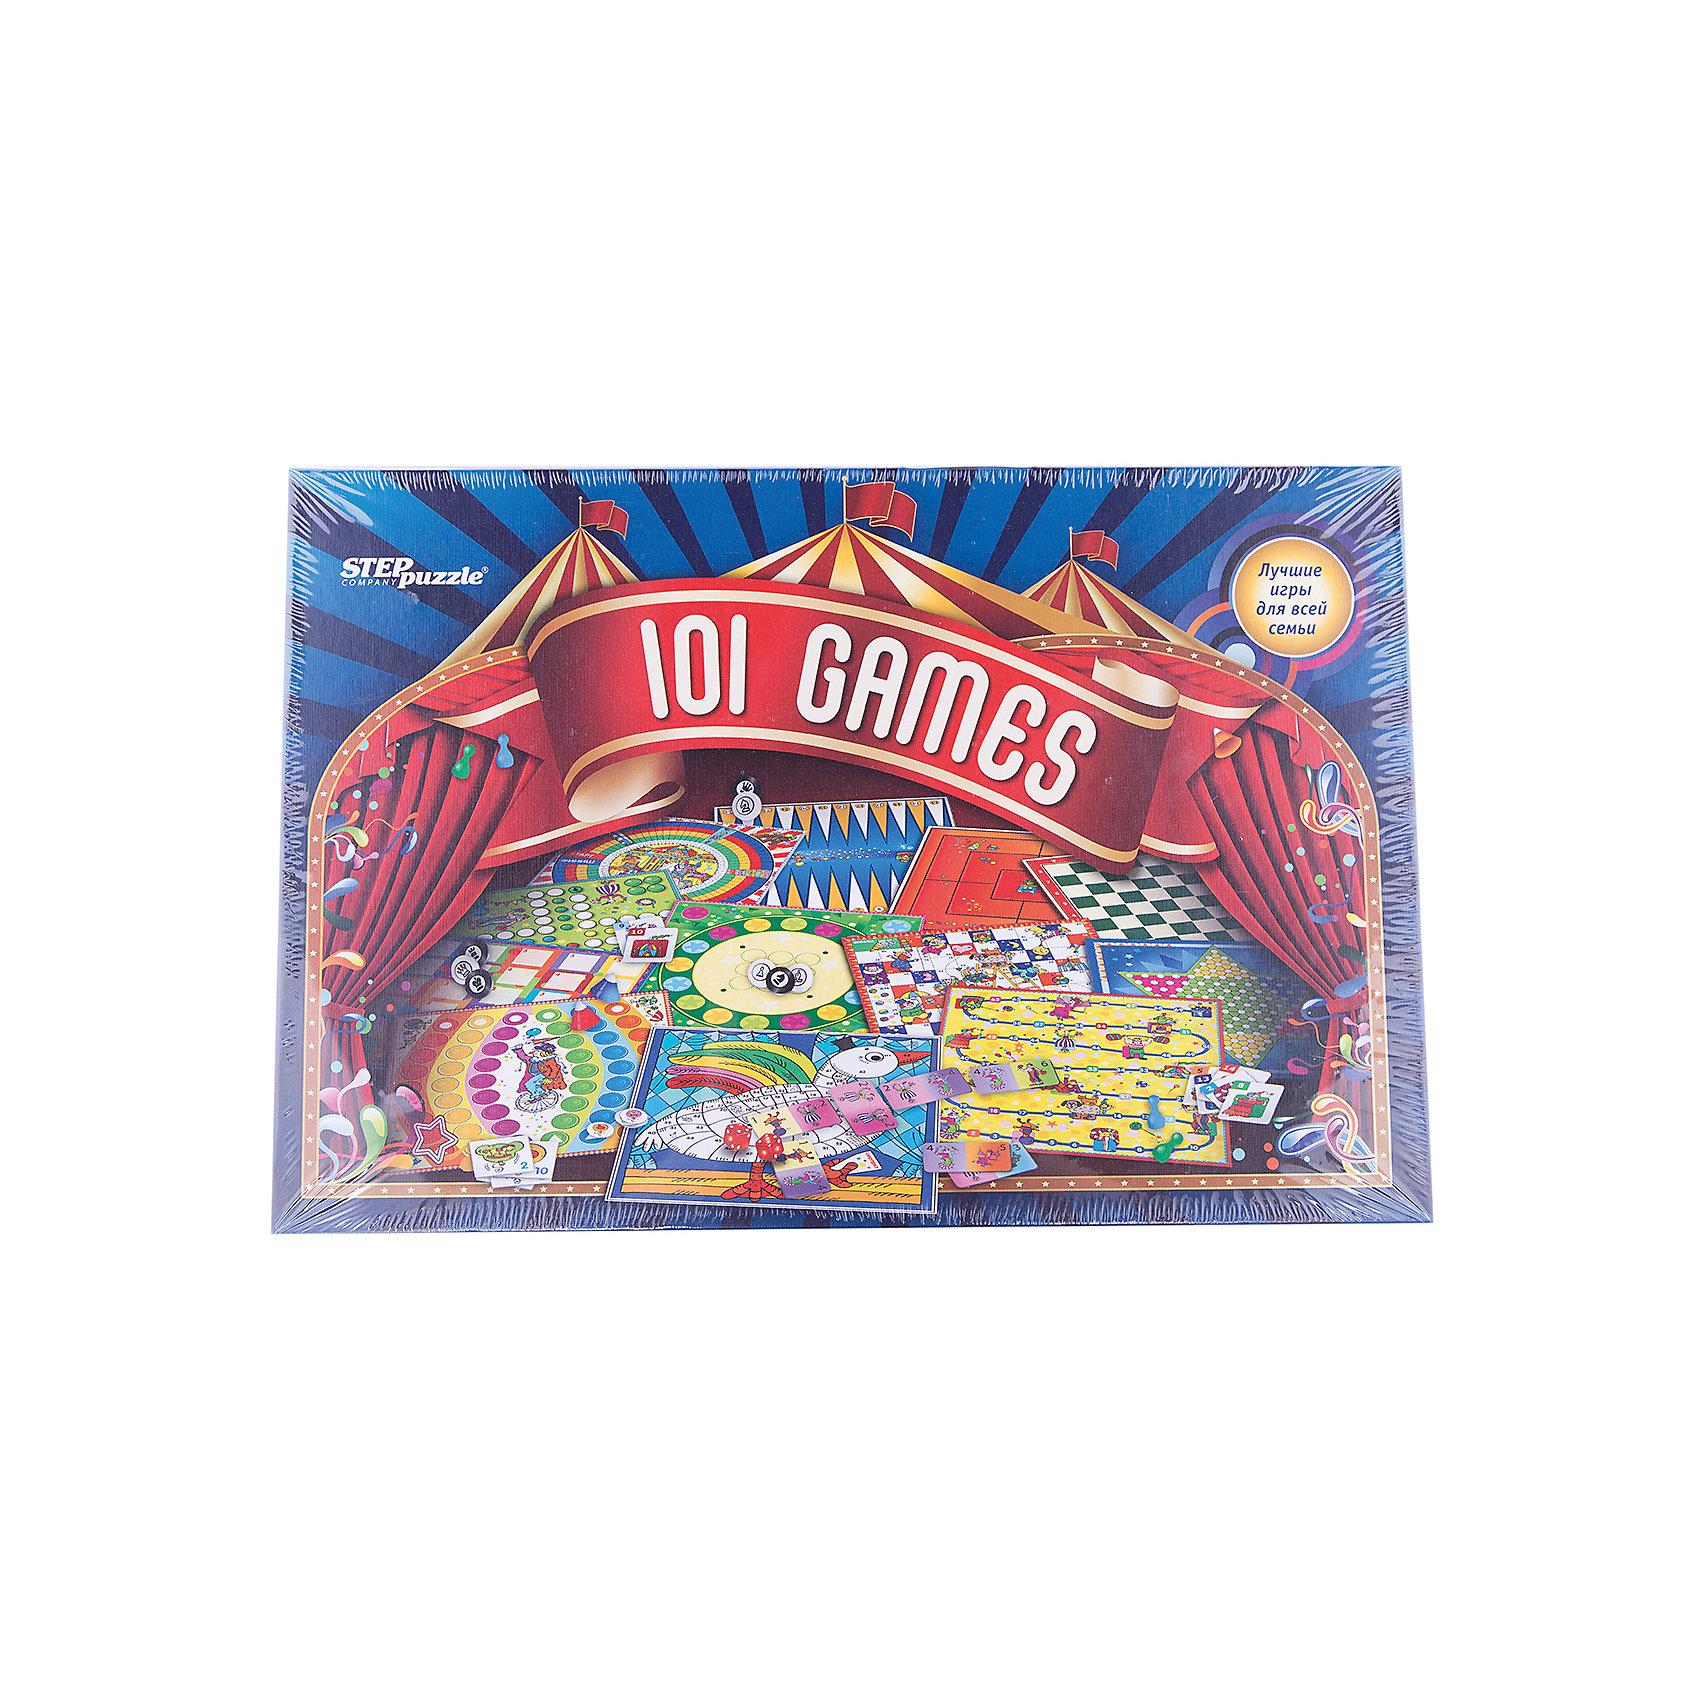 101 лучшая игра мира, Step PuzzleИгры мемо<br>101 лучшая игра мира, Step Puzzle (Степ Пазл) – это увлекательные настольные игры для всей семьи.<br>Мы собрали в одной коробке 100 и 1 лучшую игру со всего мира. Здесь Вы найдете: мемо и карточные игры, шахматы и шашки, нарды, различные игры-бродилки и игры с кубиками. Также можно поиграть в игру на ловкость, в которой с помощью катапульт нужно забрасывать колпачки в отверстия на специальном поле. Все игры входящие в комплект очень разнообразны и будут интересны как детям, так и их родителям.<br><br>Дополнительная информация:<br><br>- В комплекте: двусторонние игровые поля - 6 шт.; 32 шашки; 32 наклейки на шашки (8 шт. запасные); 3 кубика с точками; 2 цветных кубика; фишки (красные, желтые, зеленые, синие - по 16 шт.); фишки (оранжевые и фиолетовые - по 10 шт.); 13 жетонов; колпачки четырех цветов - 12 шт.; батут сборный из картона; 4 катапульты; маленькие парные карточки - 26 шт.; большие парные карточки - 30 шт.; книга с правилами<br>- Материал: пластик, картон<br>- Упаковка: картонная коробка<br>- Размер упаковки: 400x40x270 мм.<br>- Вес: 1, 624 кг.<br><br>Набор «101 лучшая игра мира», Step Puzzle (Степ Пазл) можно купить в нашем интернет-магазине.<br><br>Ширина мм: 400<br>Глубина мм: 60<br>Высота мм: 270<br>Вес г: 400<br>Возраст от месяцев: 36<br>Возраст до месяцев: 144<br>Пол: Унисекс<br>Возраст: Детский<br>SKU: 4588259